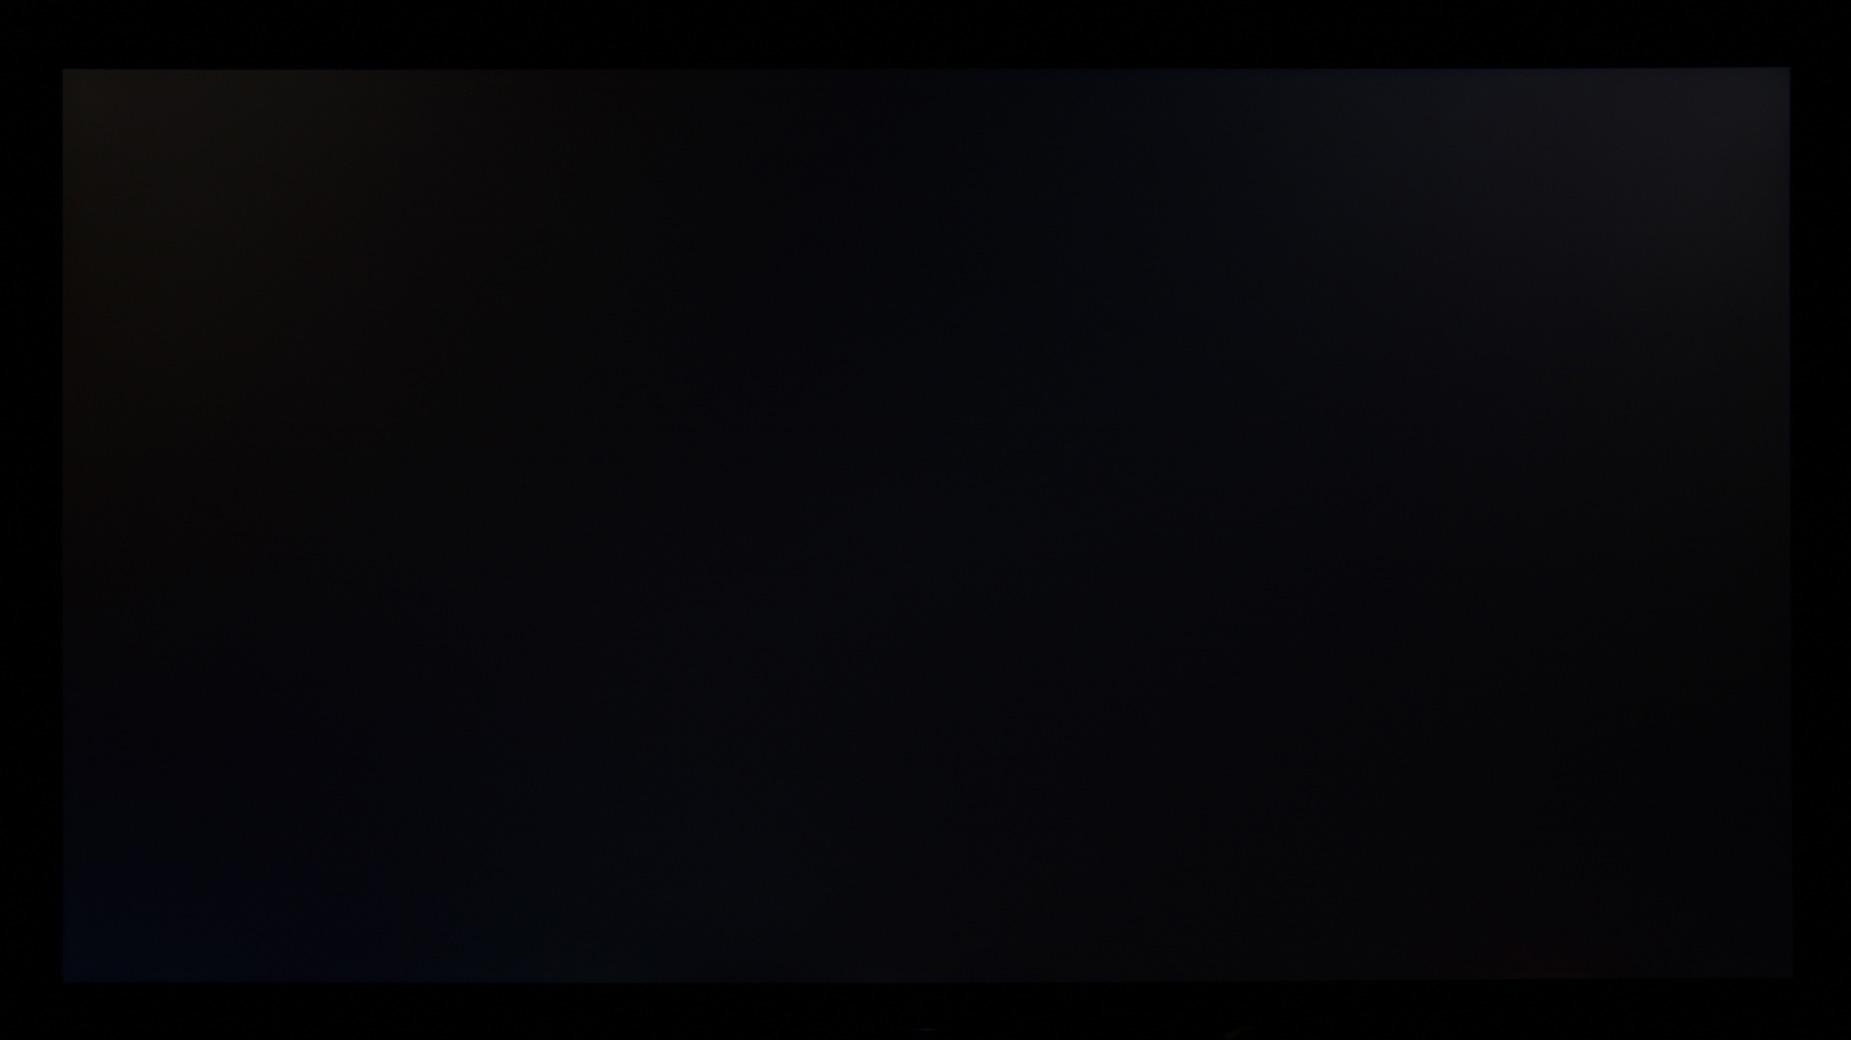 черно белый экран в видео